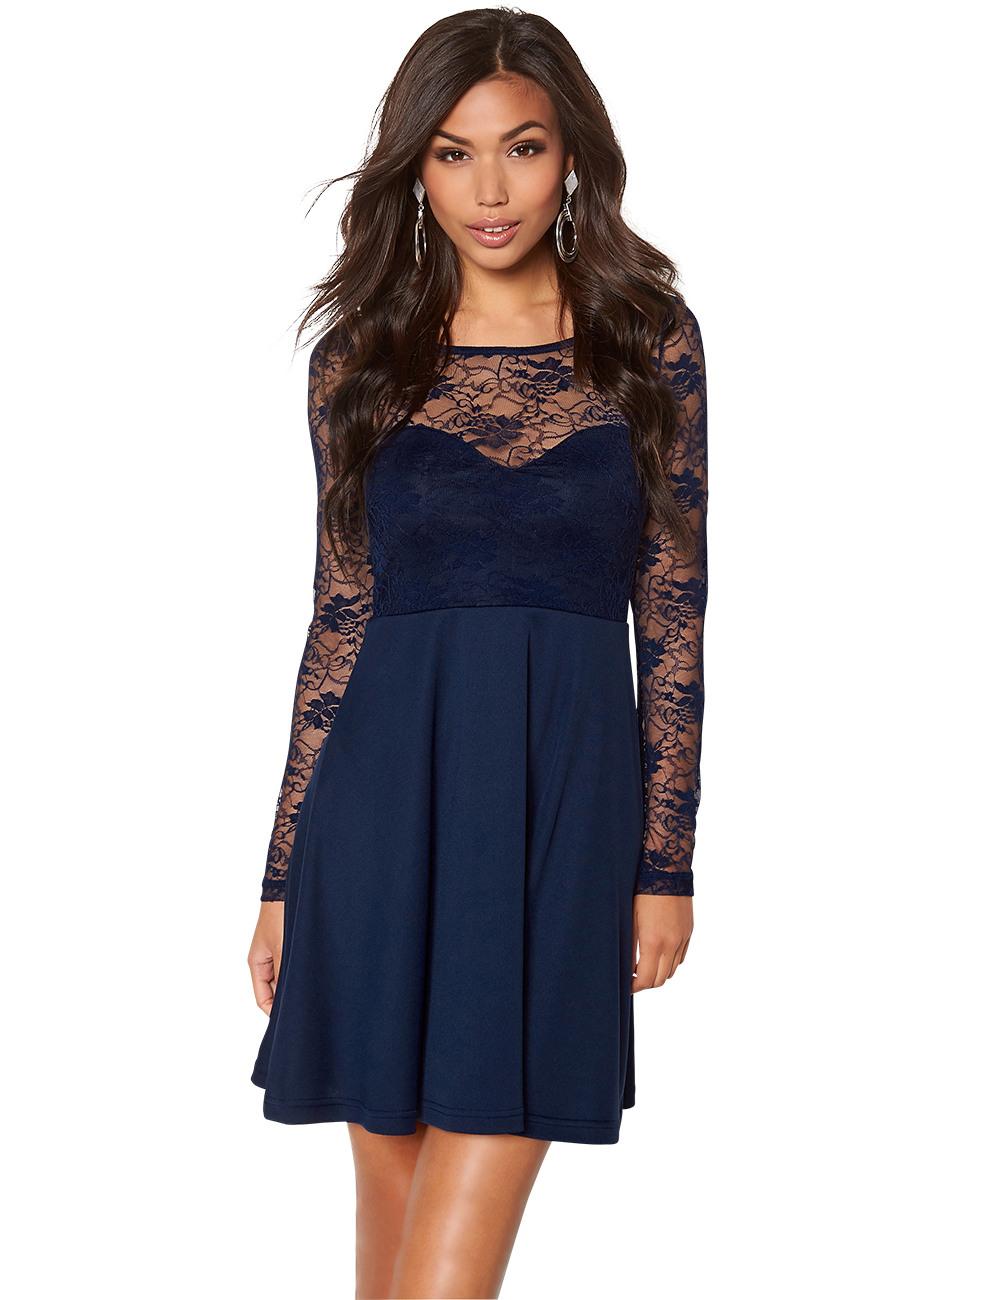 Luxus Kleid Mit Spitzenärmeln Spezialgebiet Schön Kleid Mit Spitzenärmeln Stylish